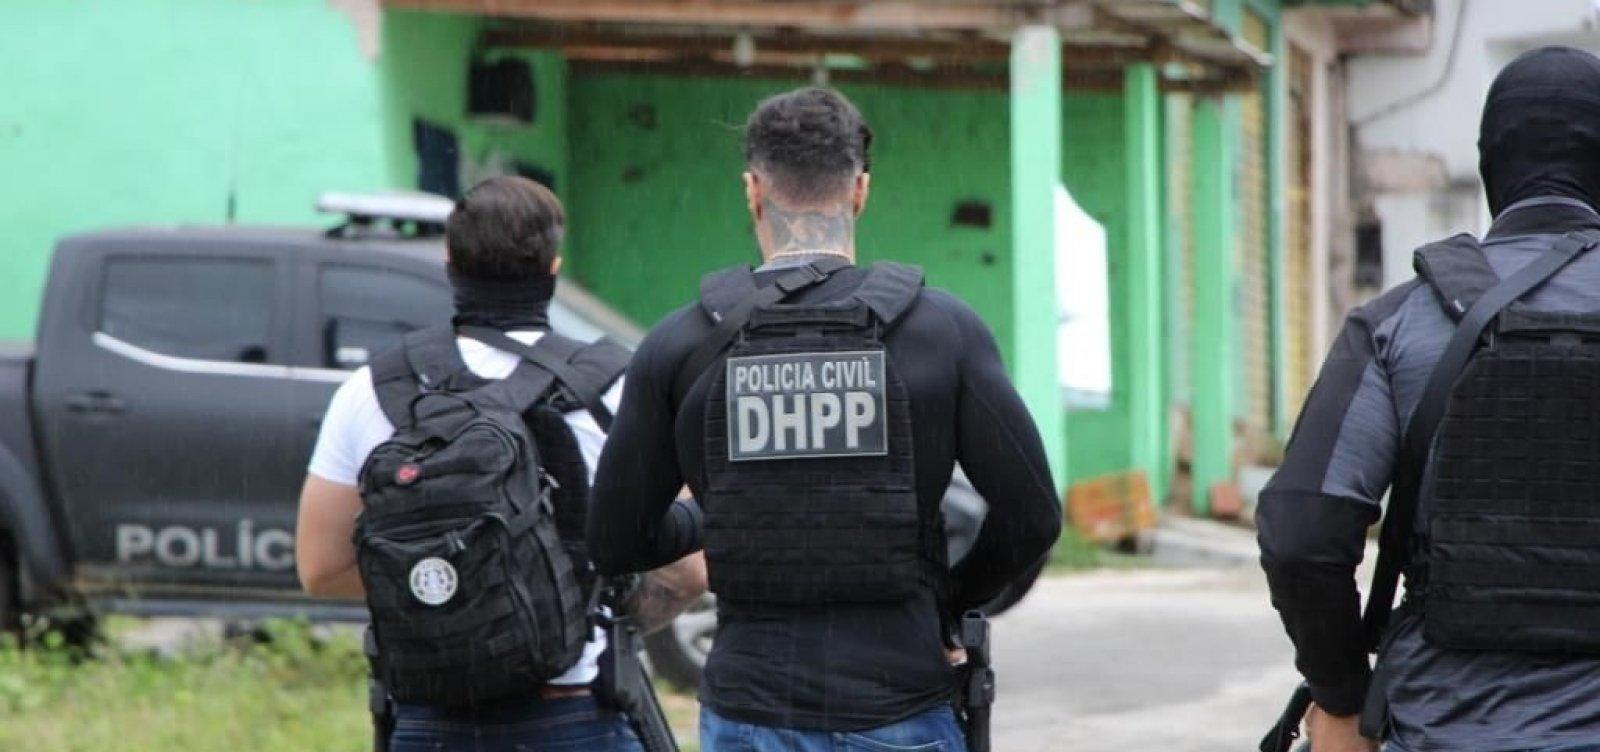 Chacina do Uruguai: dois suspeitos de tiroteio que deixou seis mortos e 12 feridos são presos